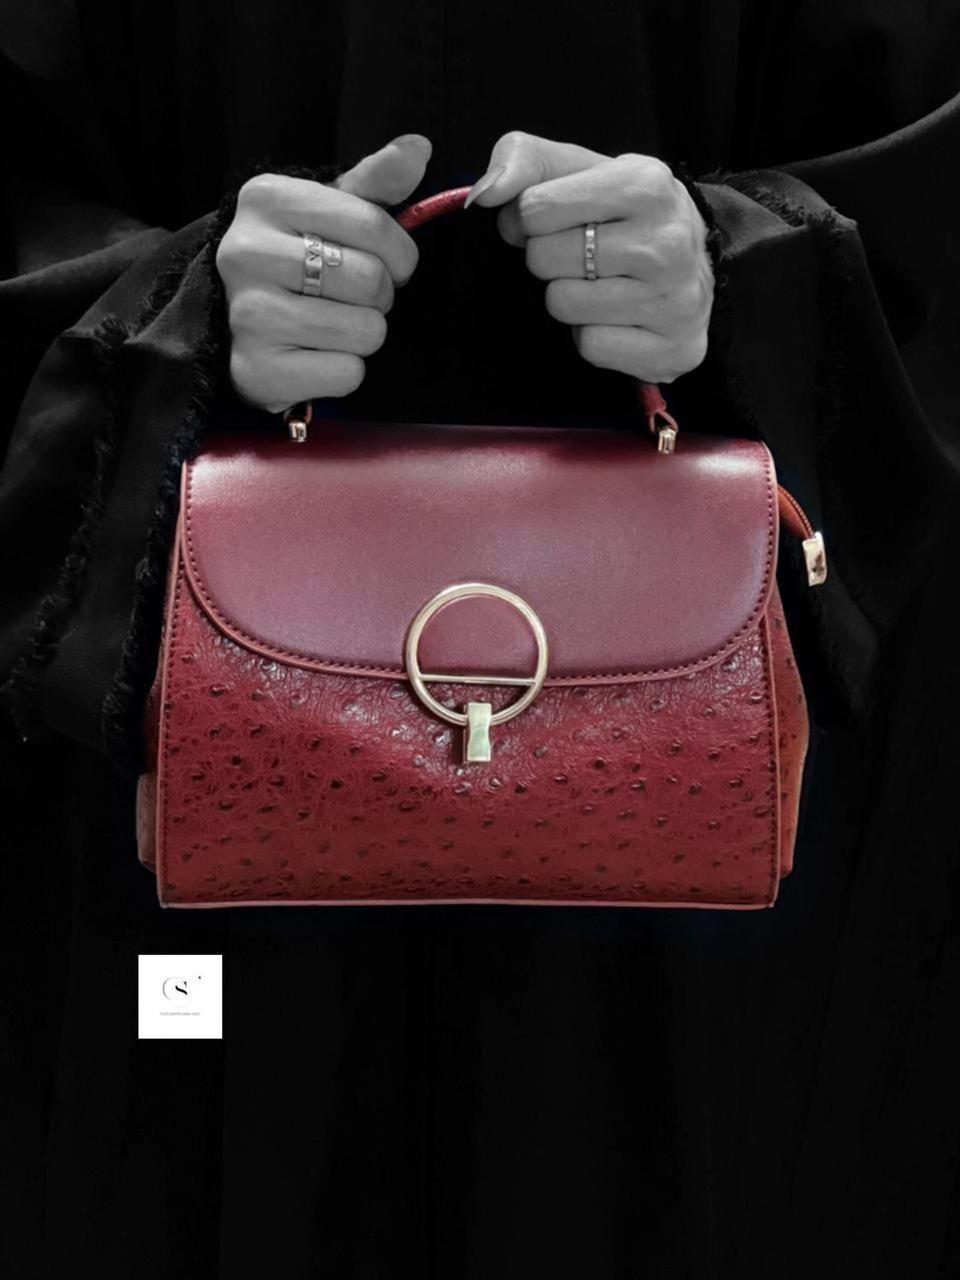 شنطة كروس كبيرة جلد نعام عباءة جوهرة In 2021 Shoulder Bag Bags Chloe Faye